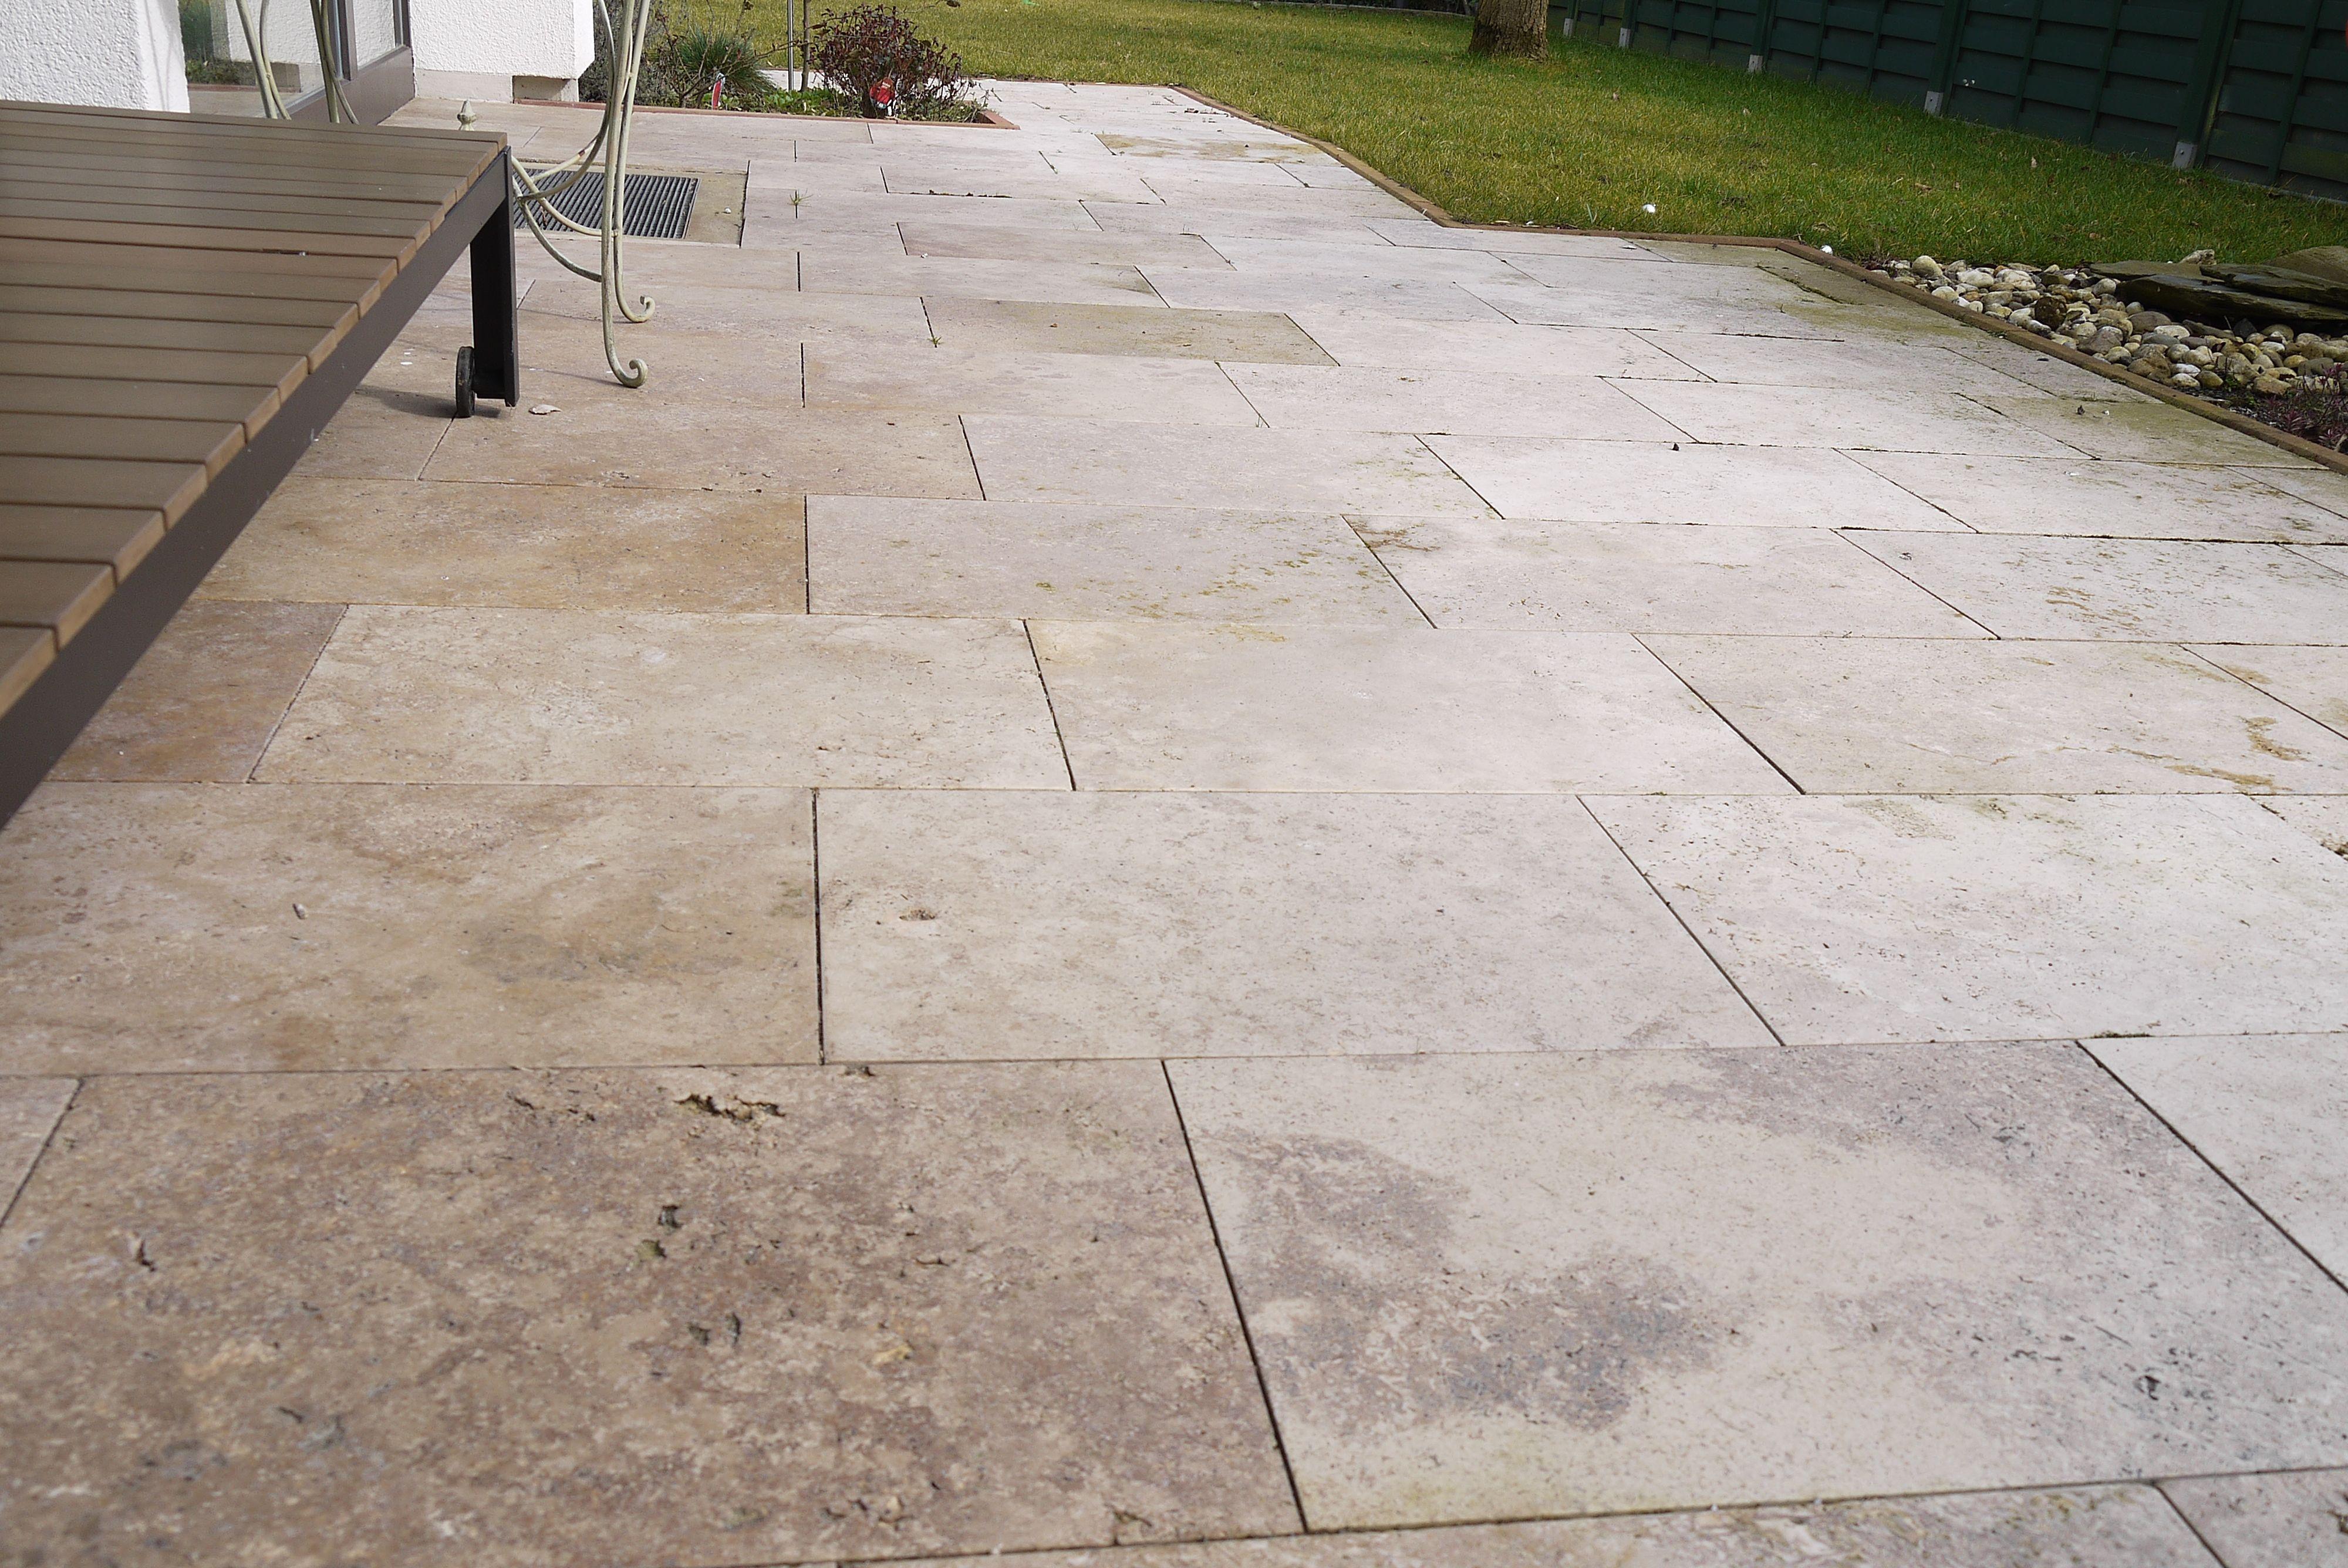 Brilliant Bodenbeläge Terrasse Das Beste Von Braune Travertin Noce Platten Als Bodenbelag Für